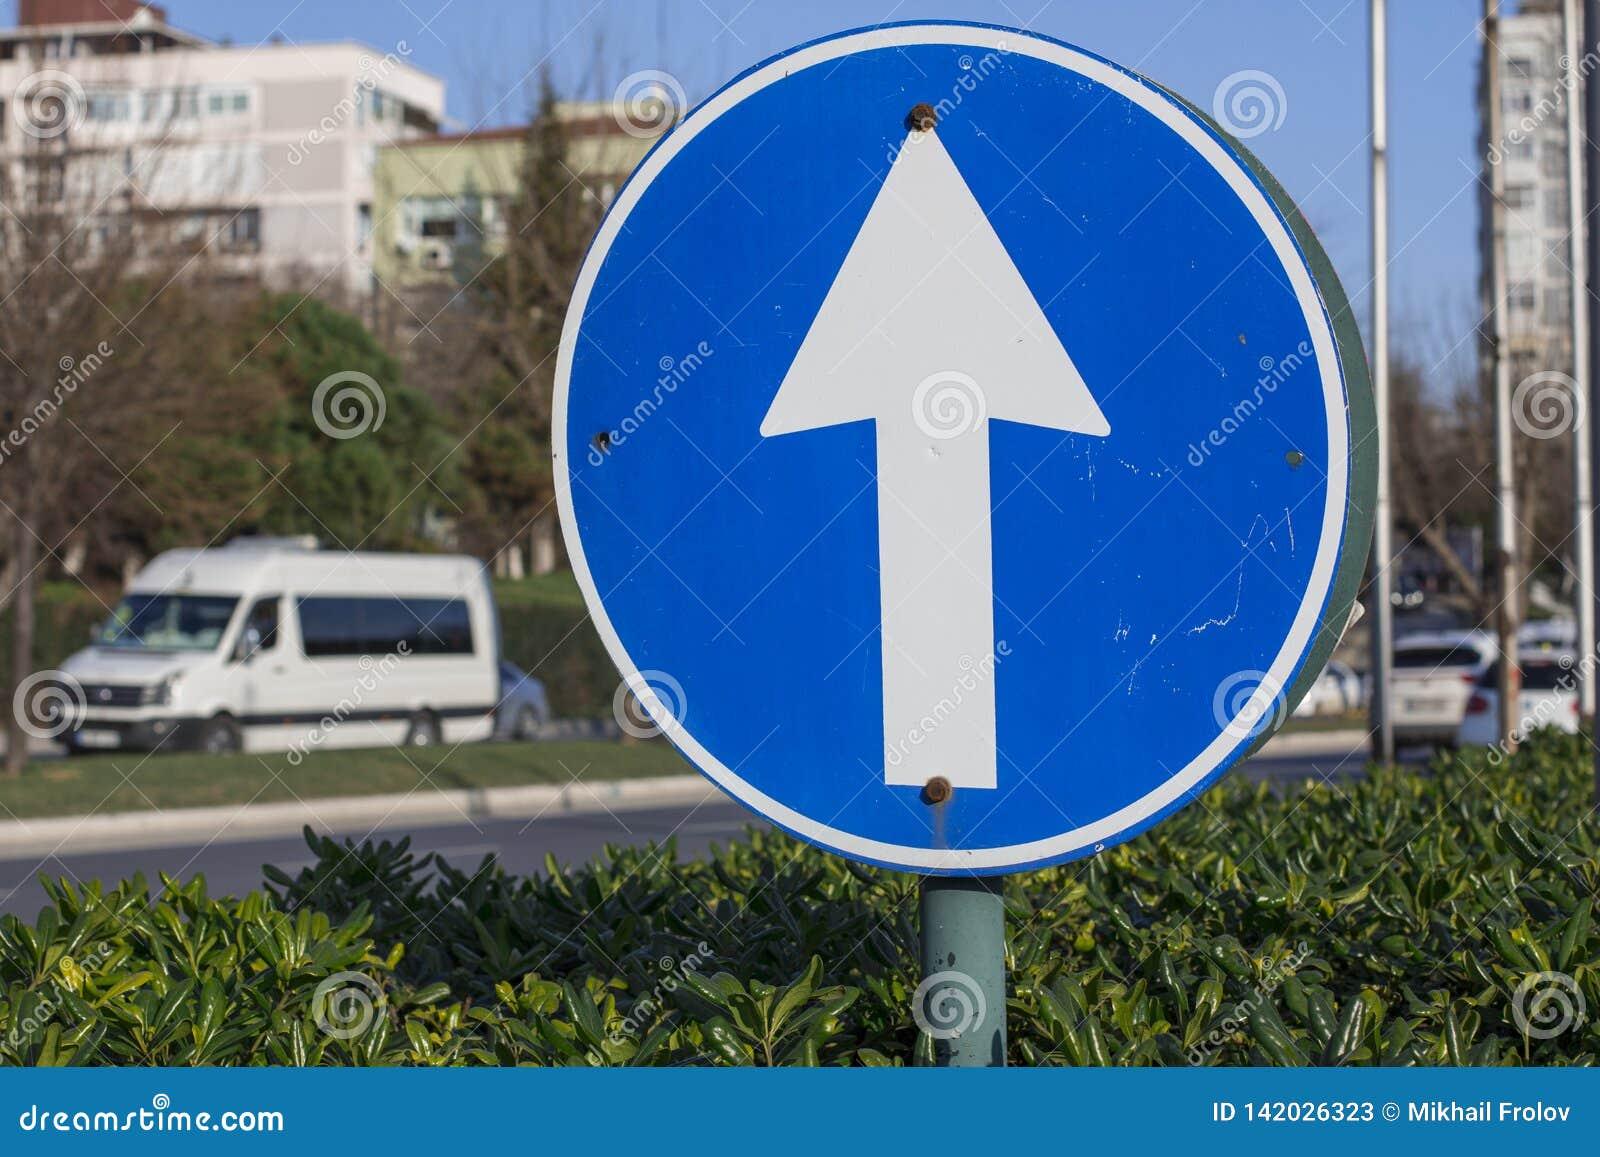 взгляд подкраской дорожного знака угла голубой широко Стрелка в круге для контроля над трафиком